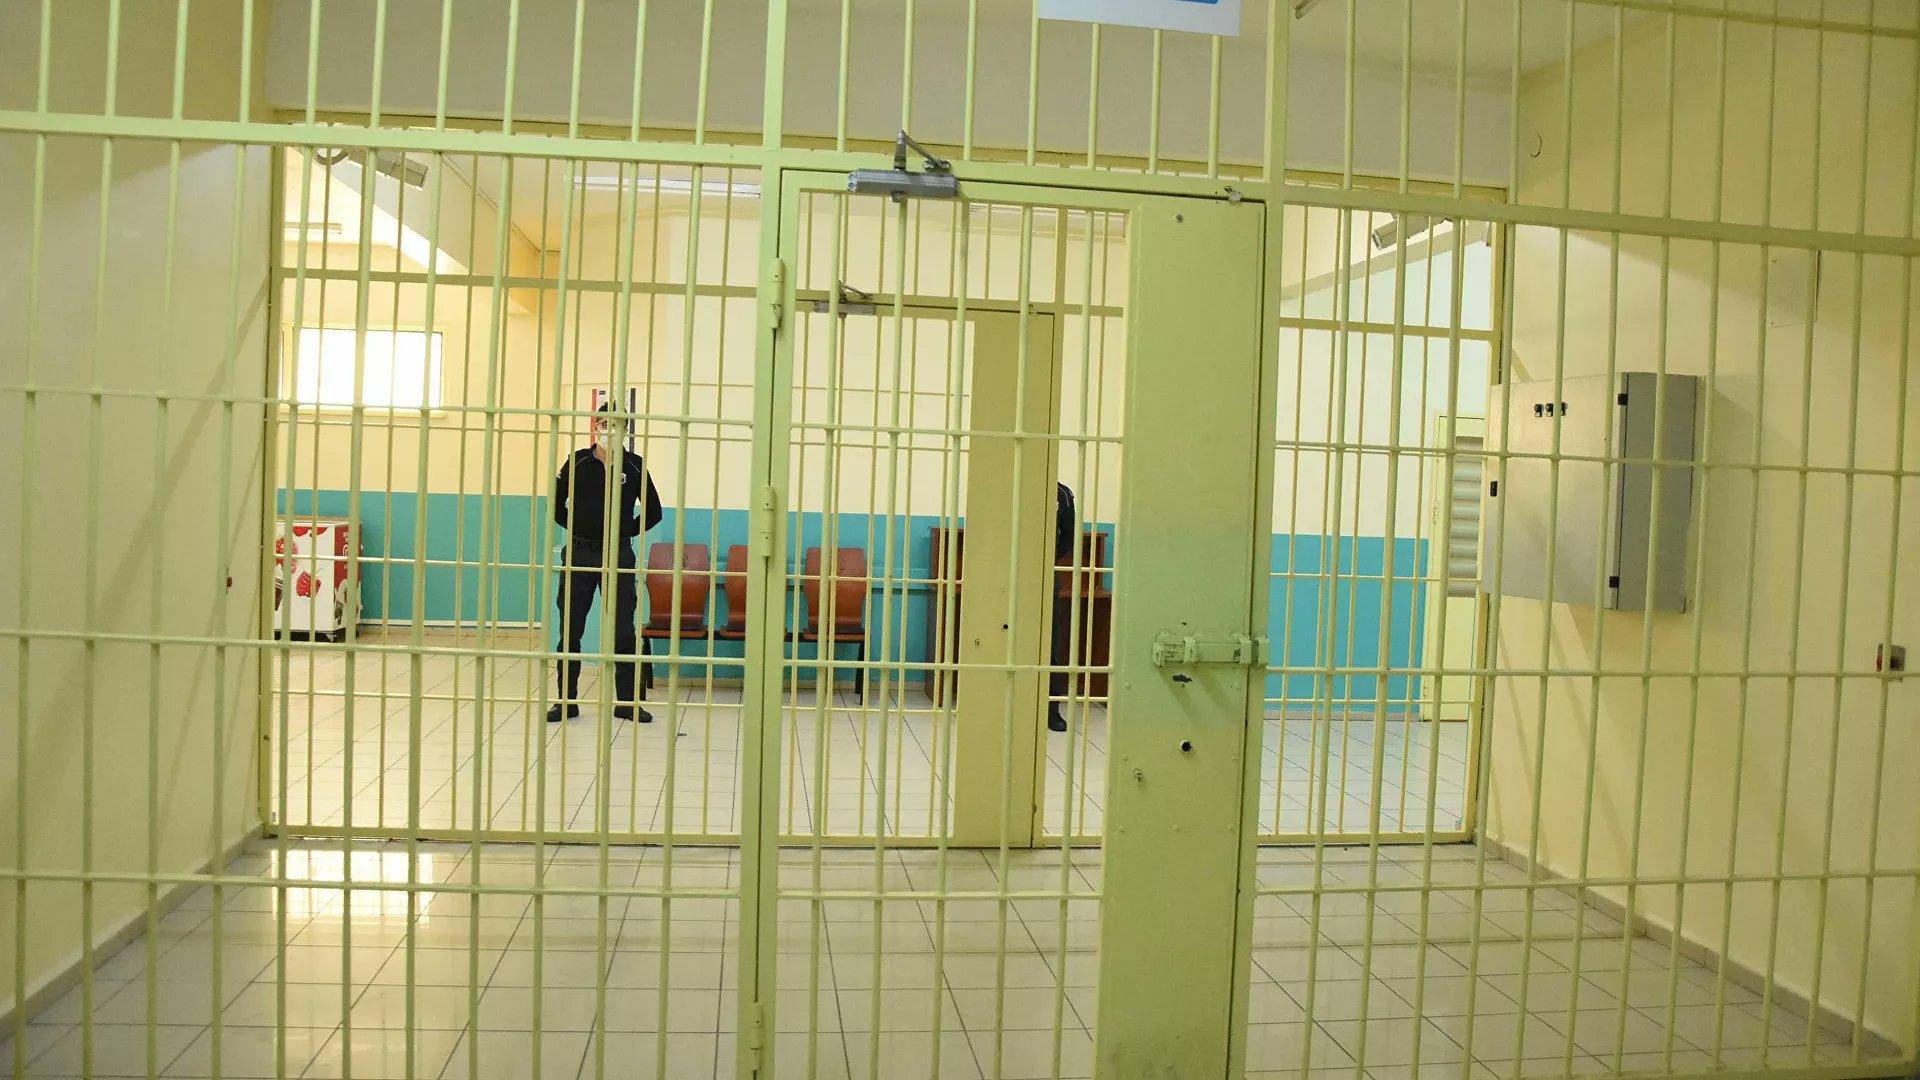 Açık cezaevlerindeki hükümlülerin Kovid-19 izni, 2 ay uzatıldı